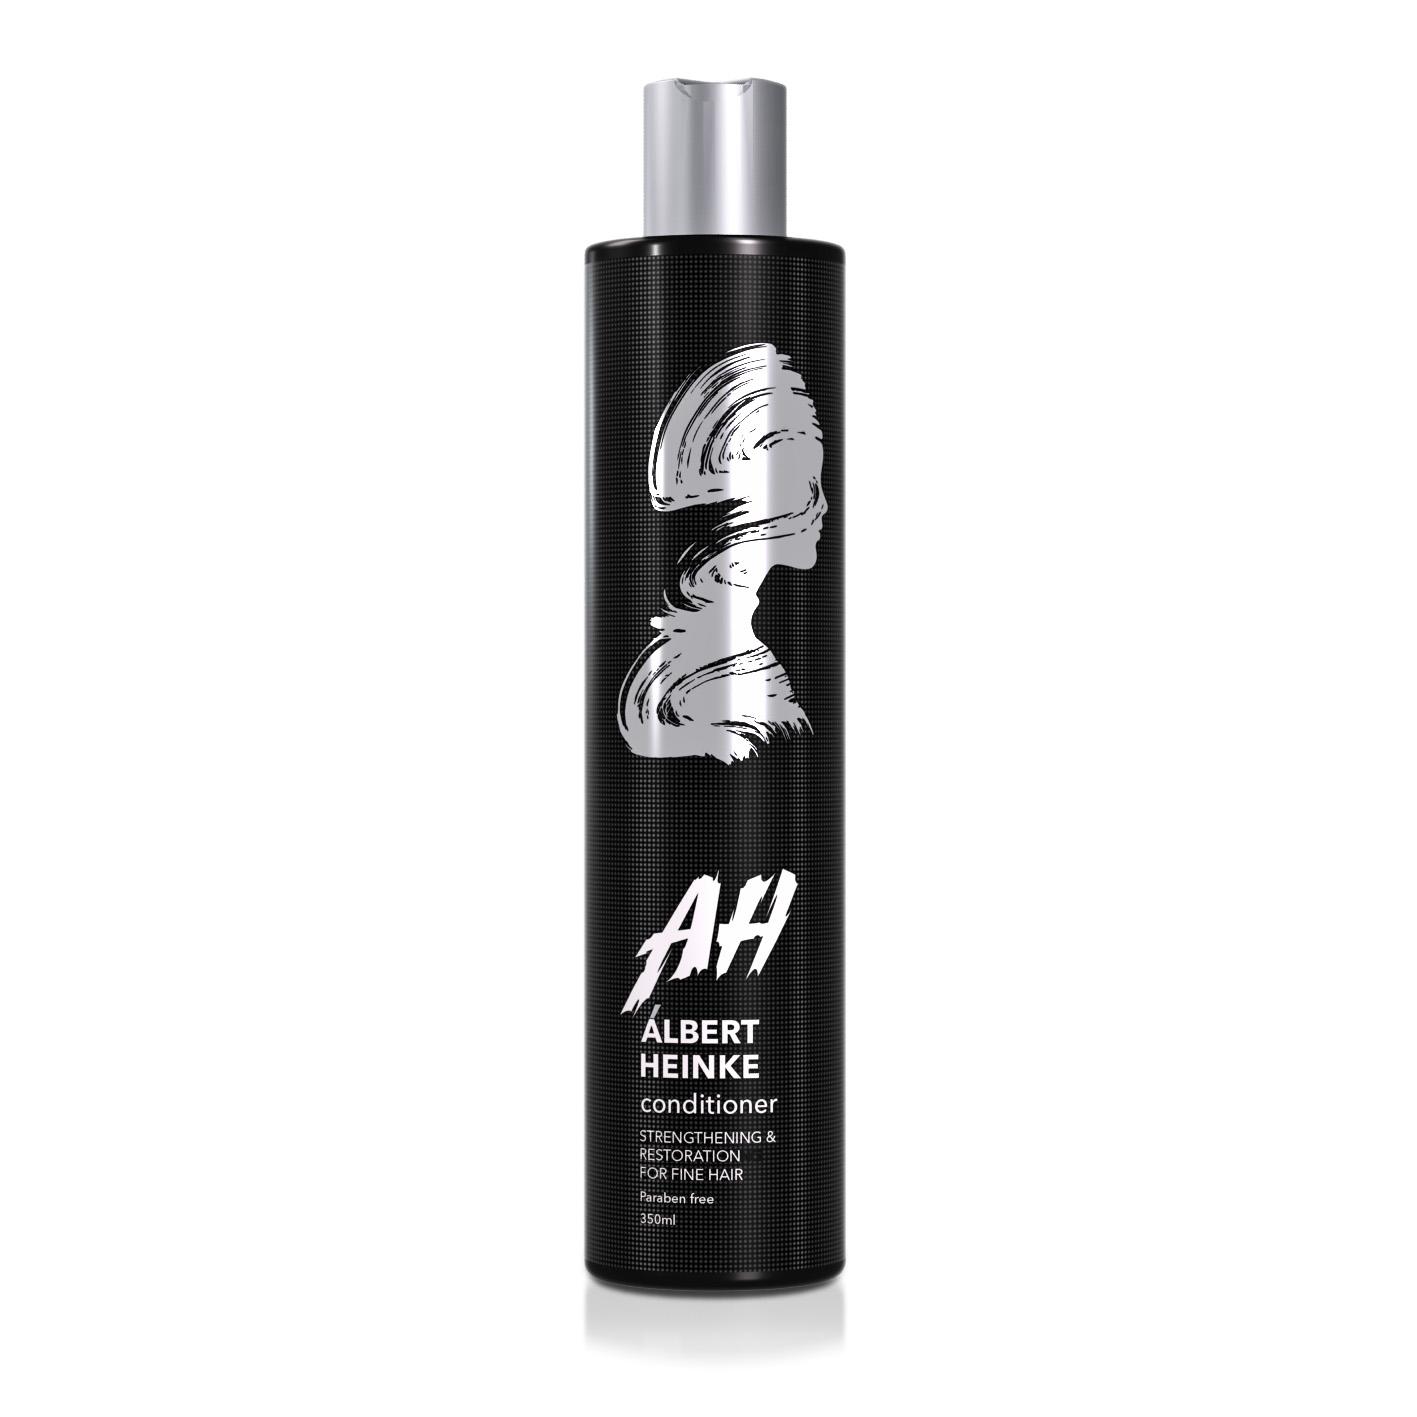 EGOMANIA Кондиционер для восстановления и укрепления тонких волос / ALBERT HEINKE 350 мл